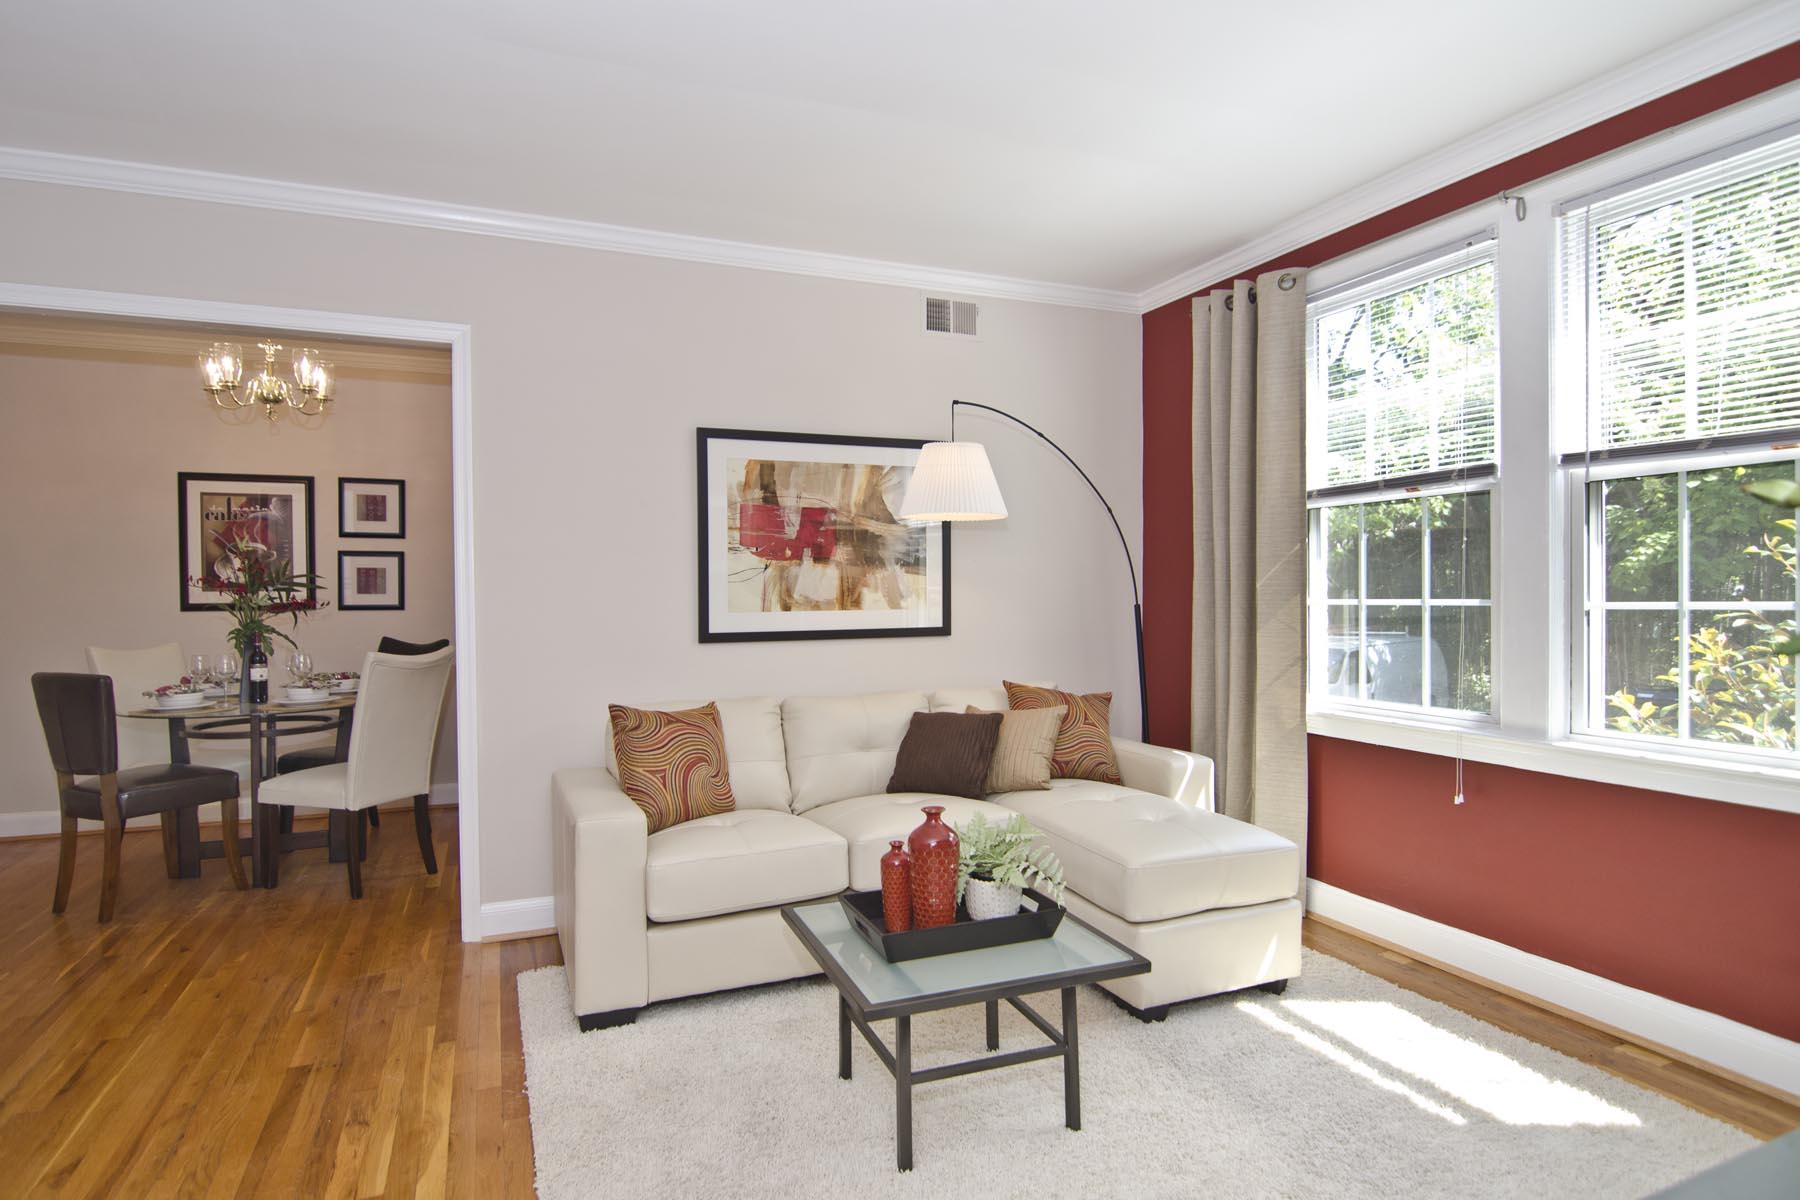 3 Bedroom Apartments For Rent In Alexandria Va. apartments